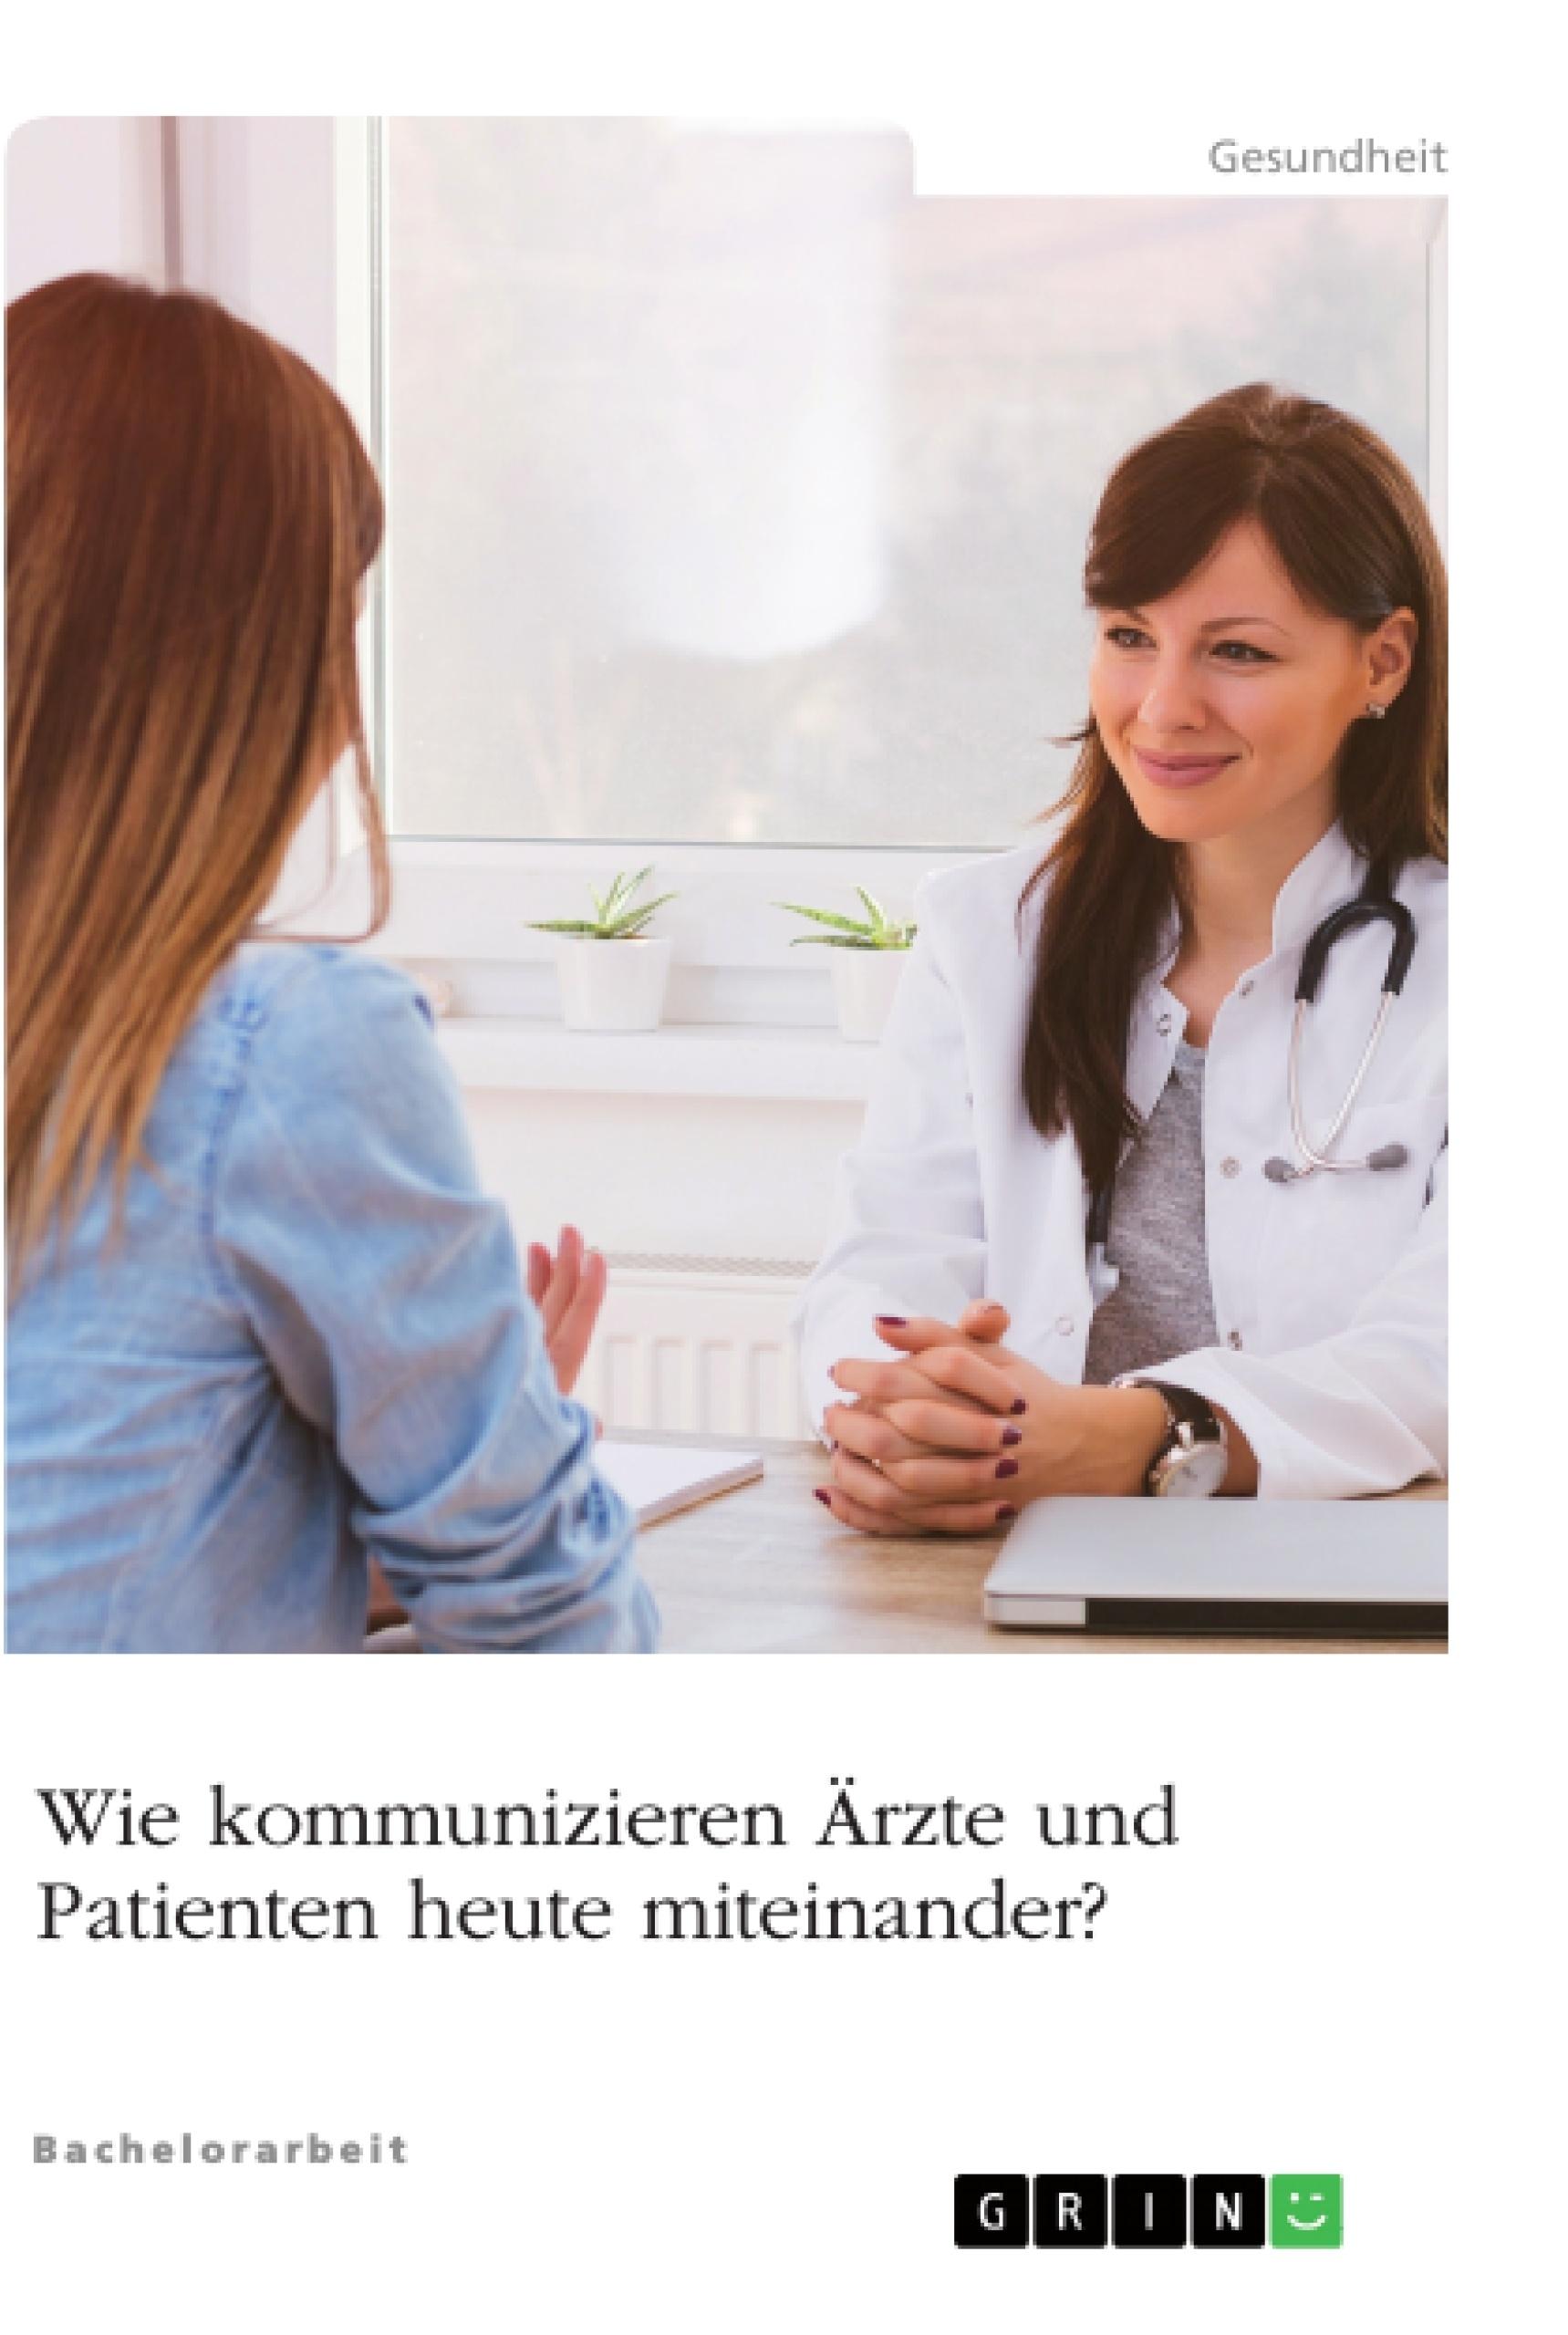 Titel: Wie kommunizieren Ärzte und Patienten heute miteinander?